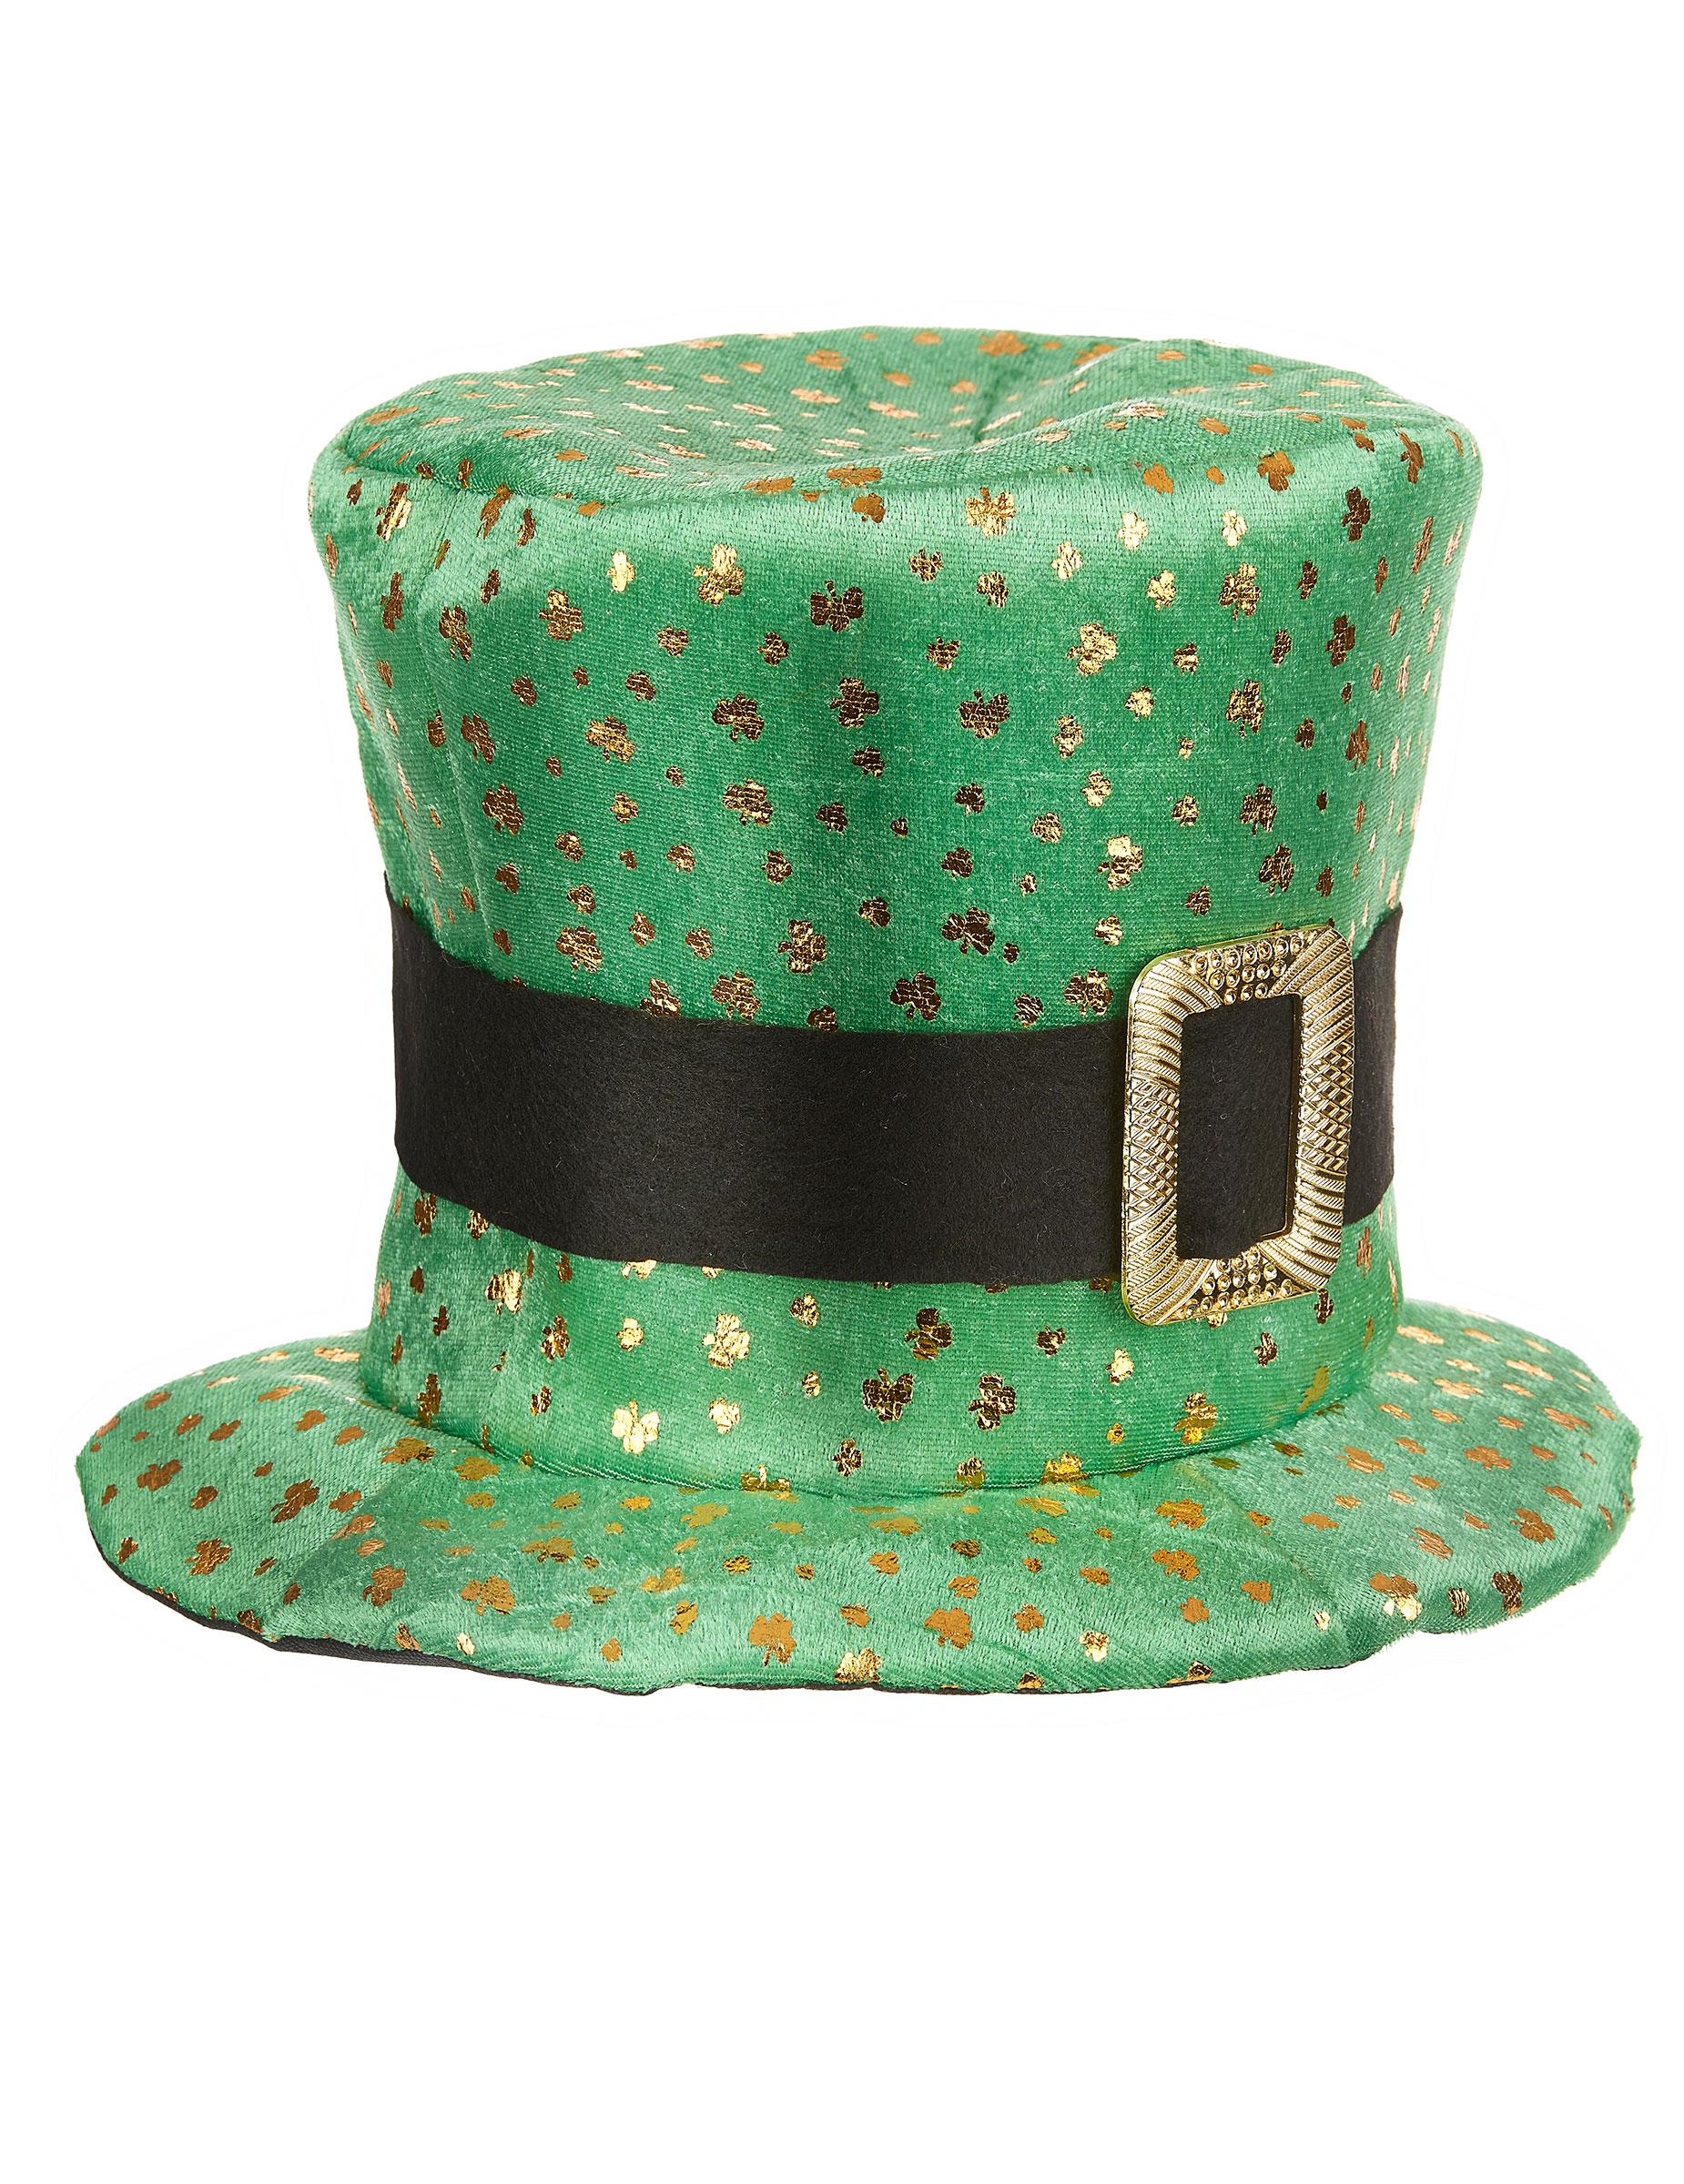 Cappelli travestimenti  cappelli strani cba81ac013cf